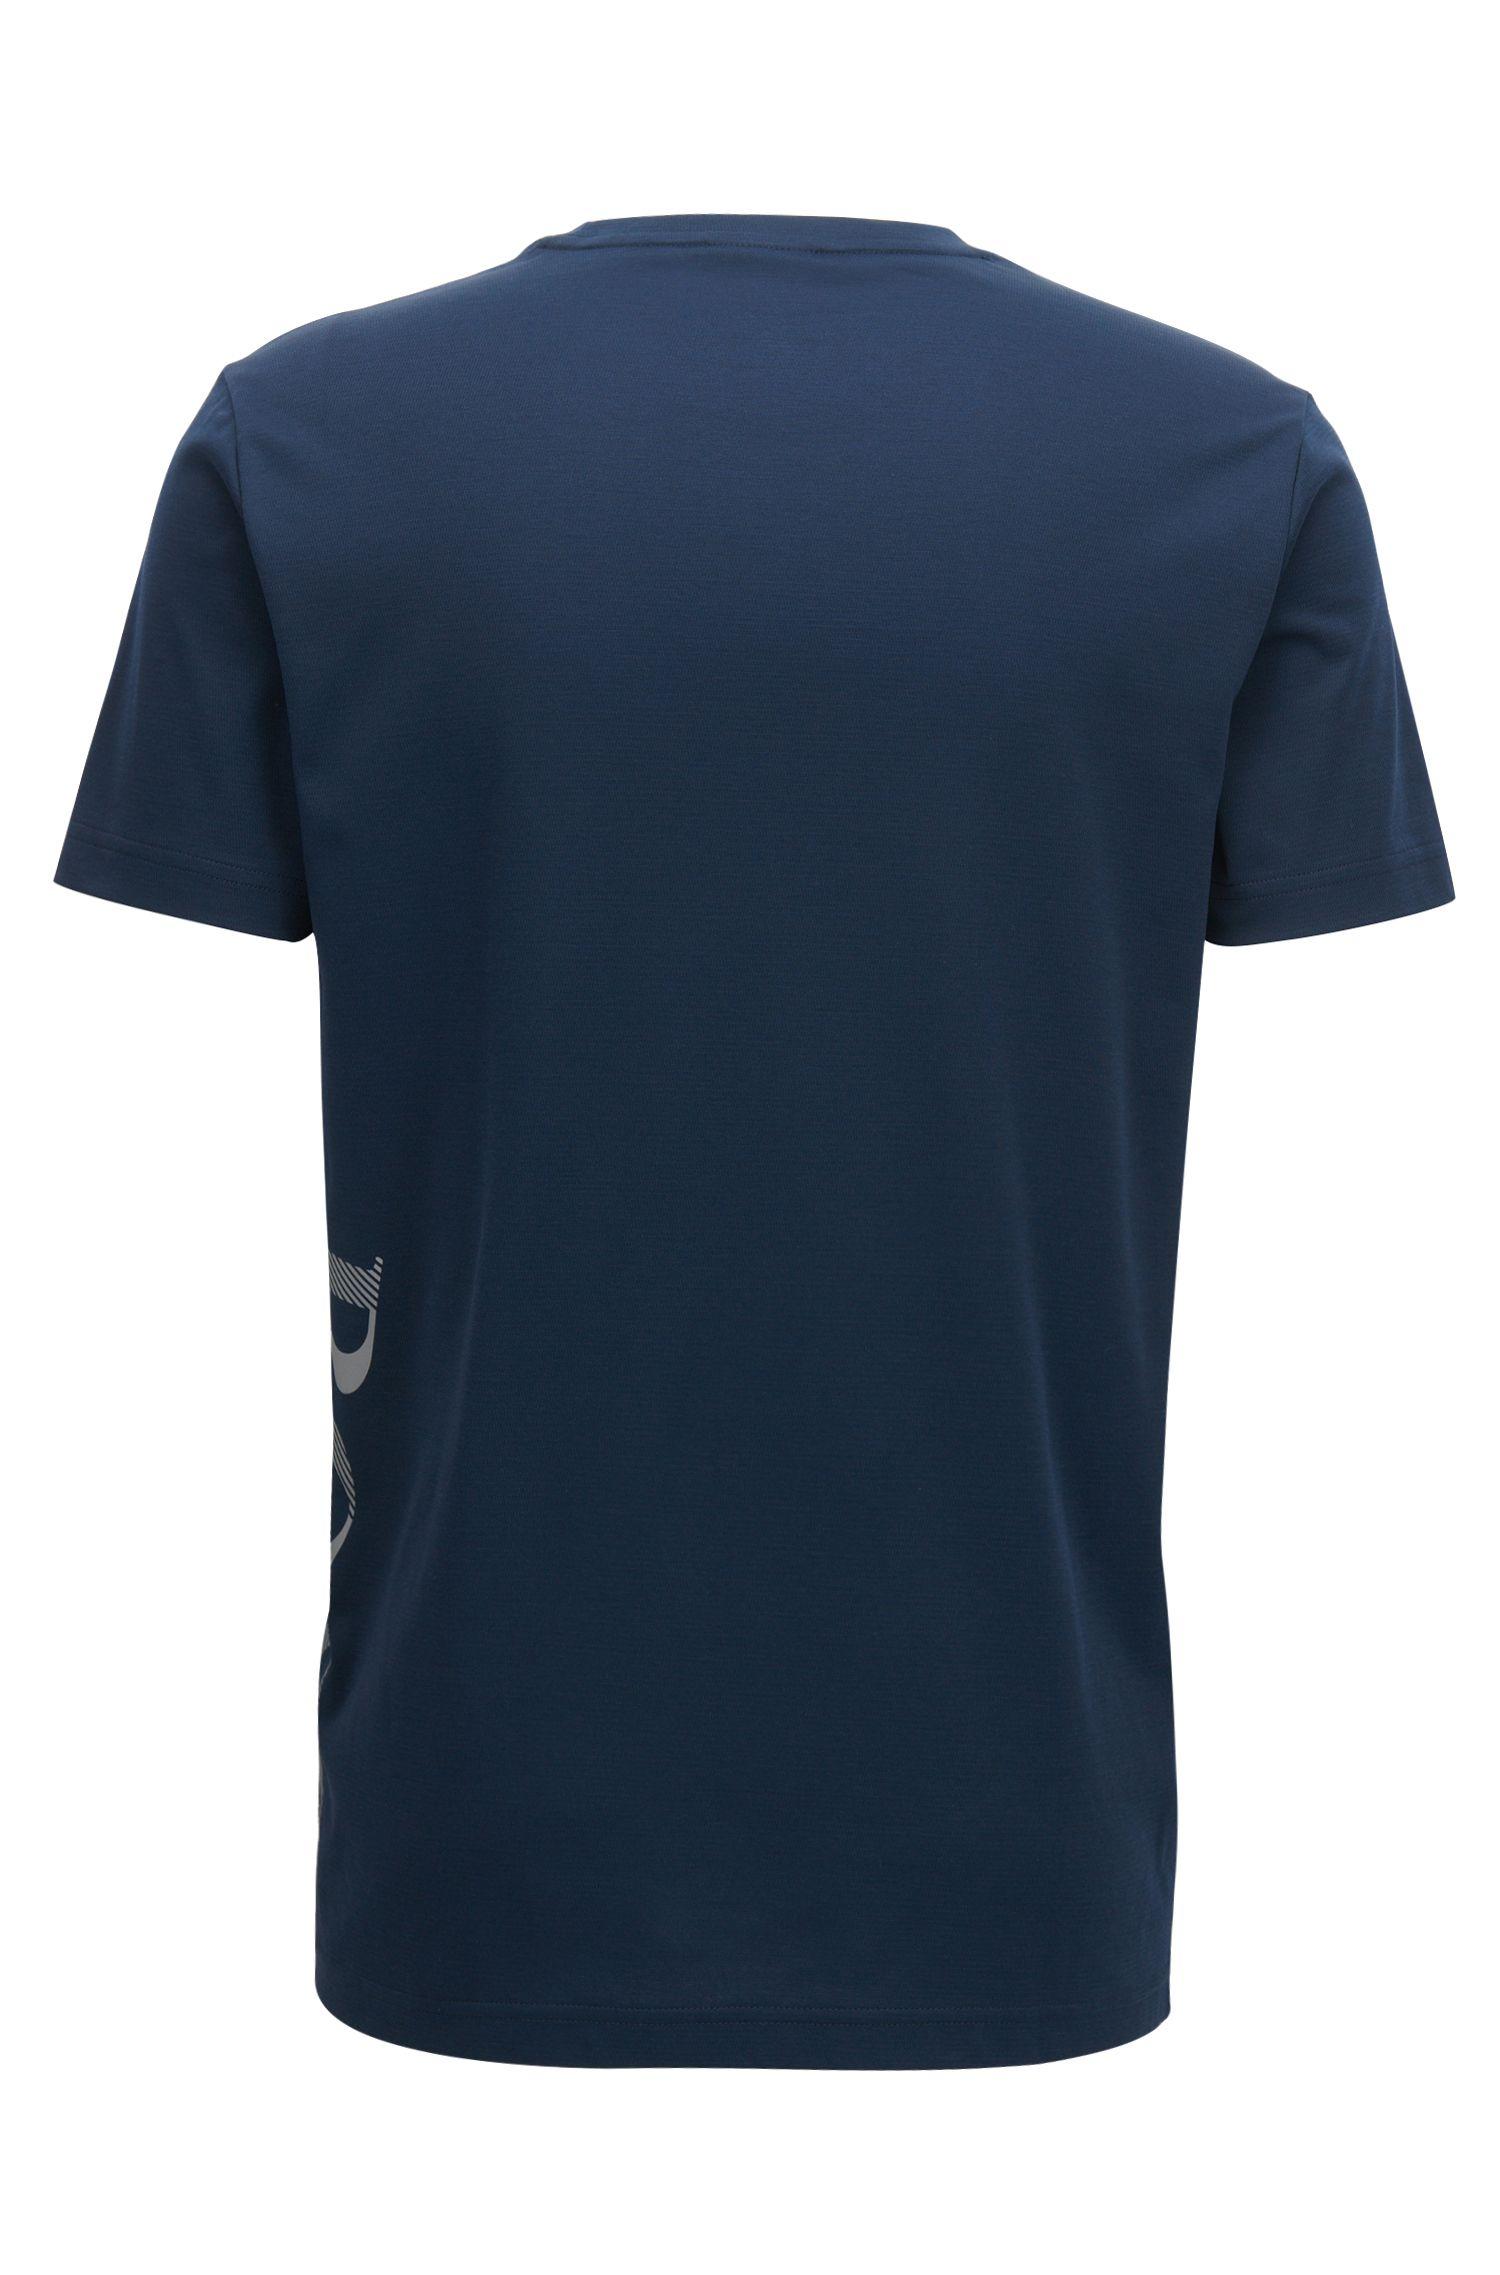 T-shirt slim fit in misto cotone con sistema di gestione dell'umidità